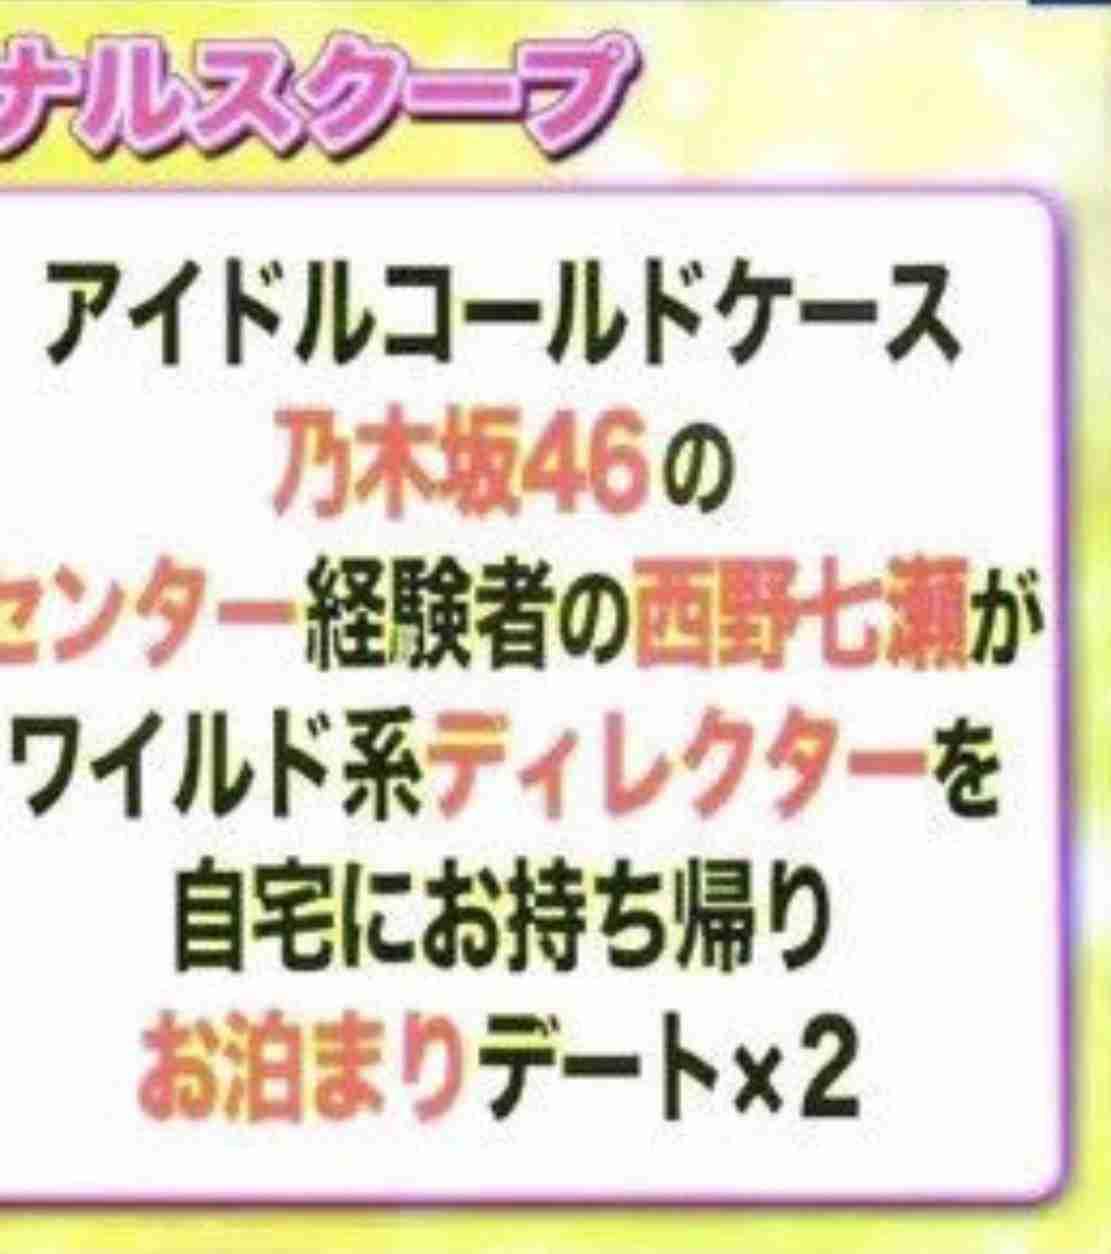 乃木坂46西野七瀬&齋藤飛鳥、ファストファッションブランドの新ミューズ就任